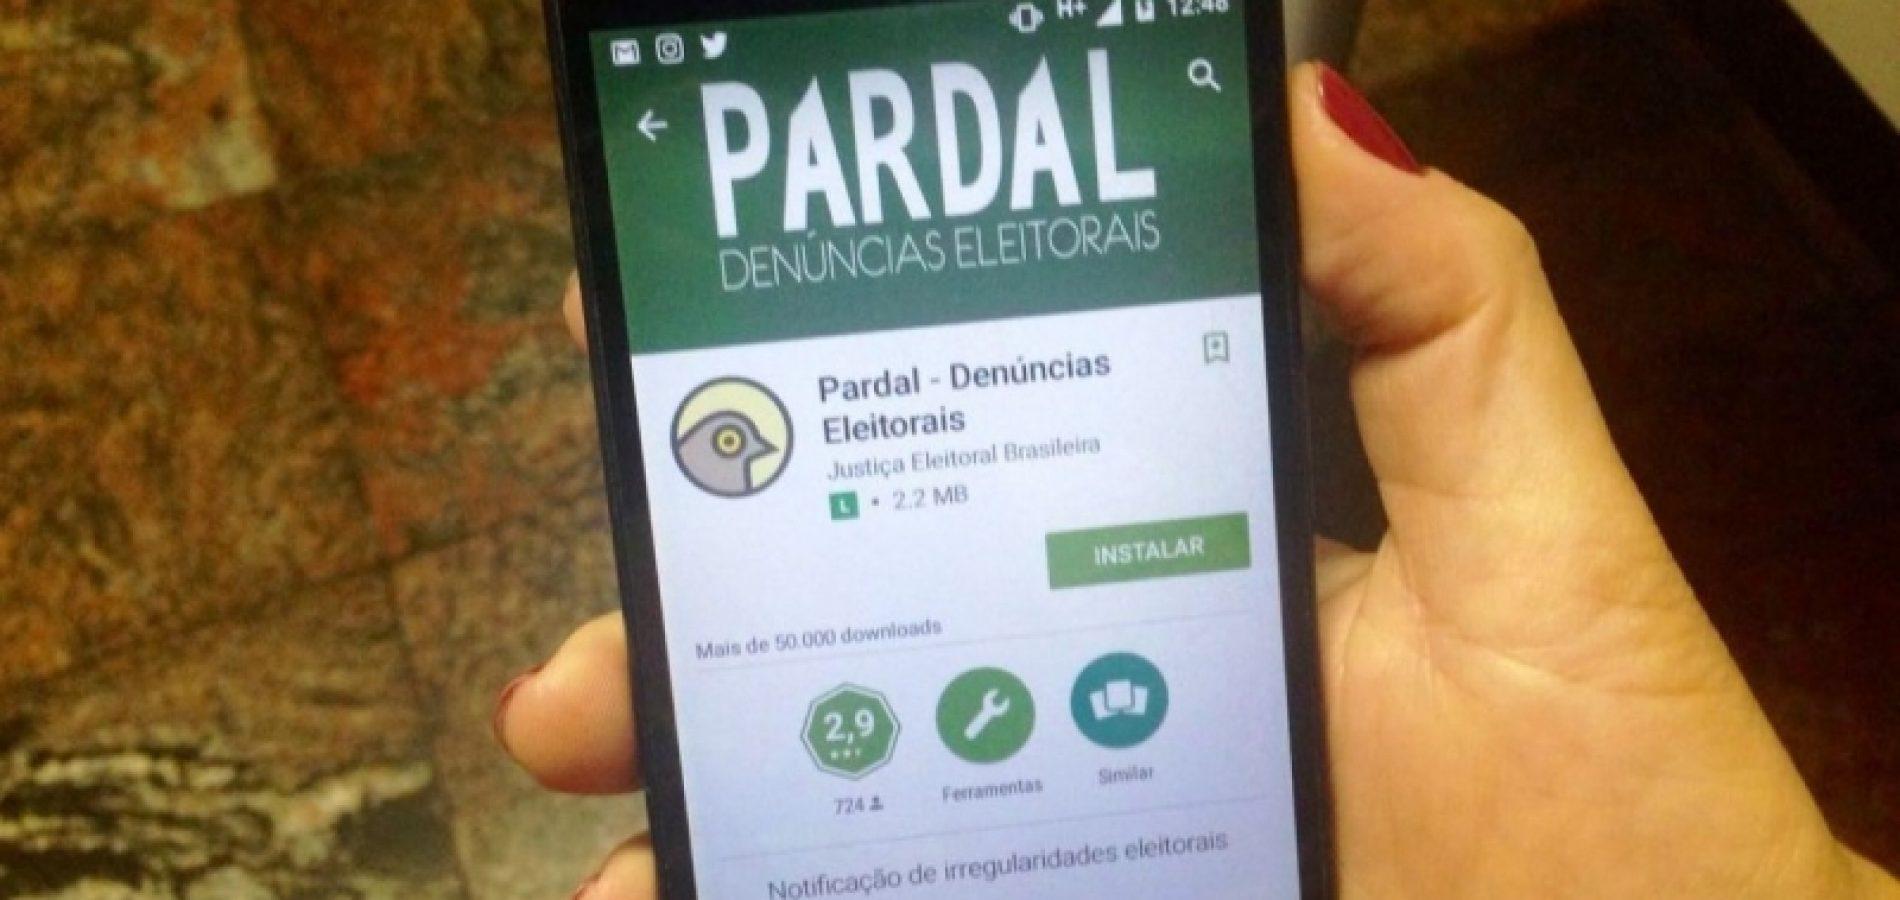 Piauí já registrou 315 denúncias sobre supostas irregularidades nas eleições